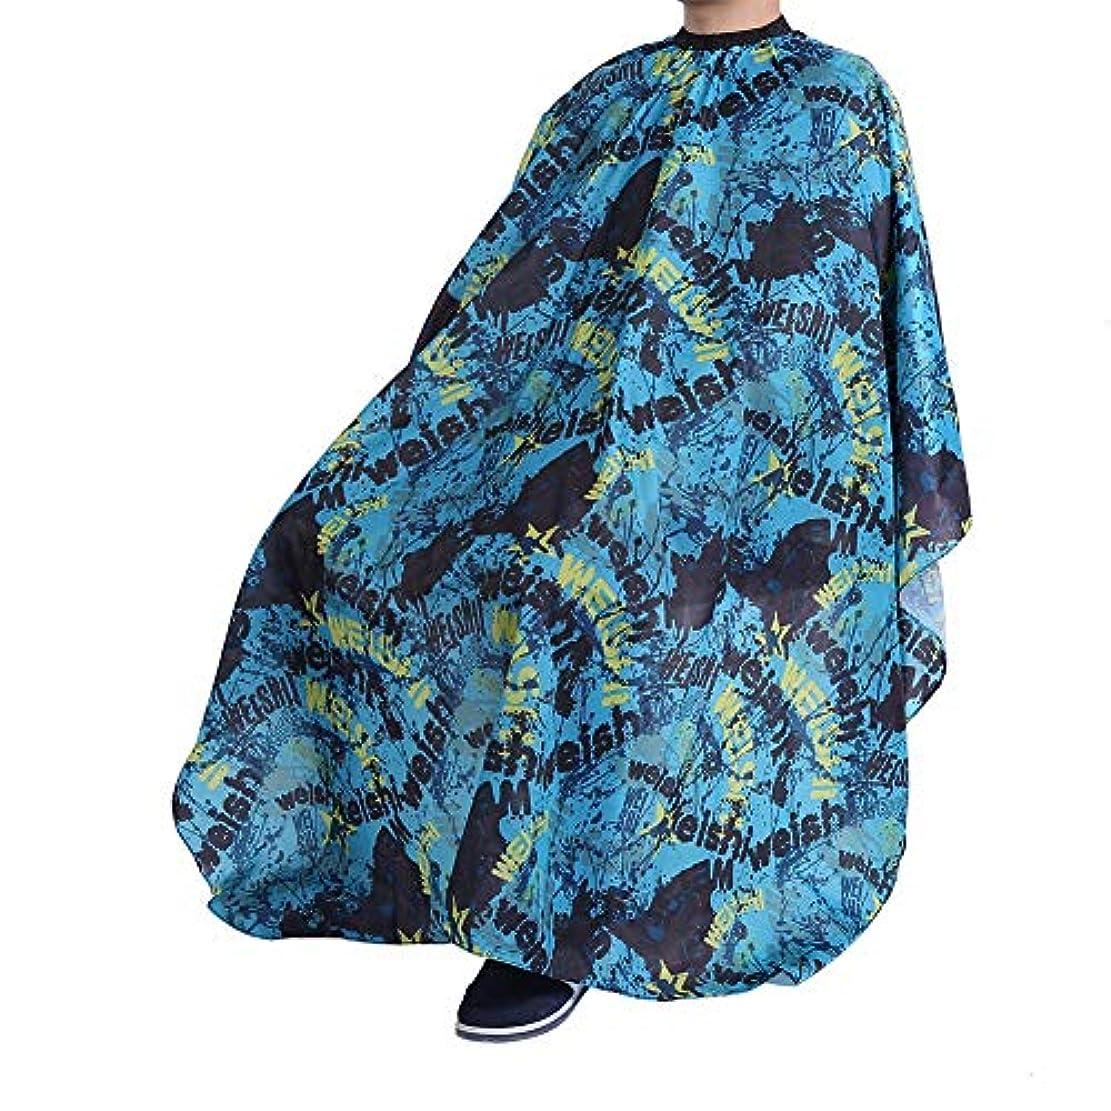 複製型曲理髪岬エプロンユニセックス-3パターン-防水(ブルースクロール)